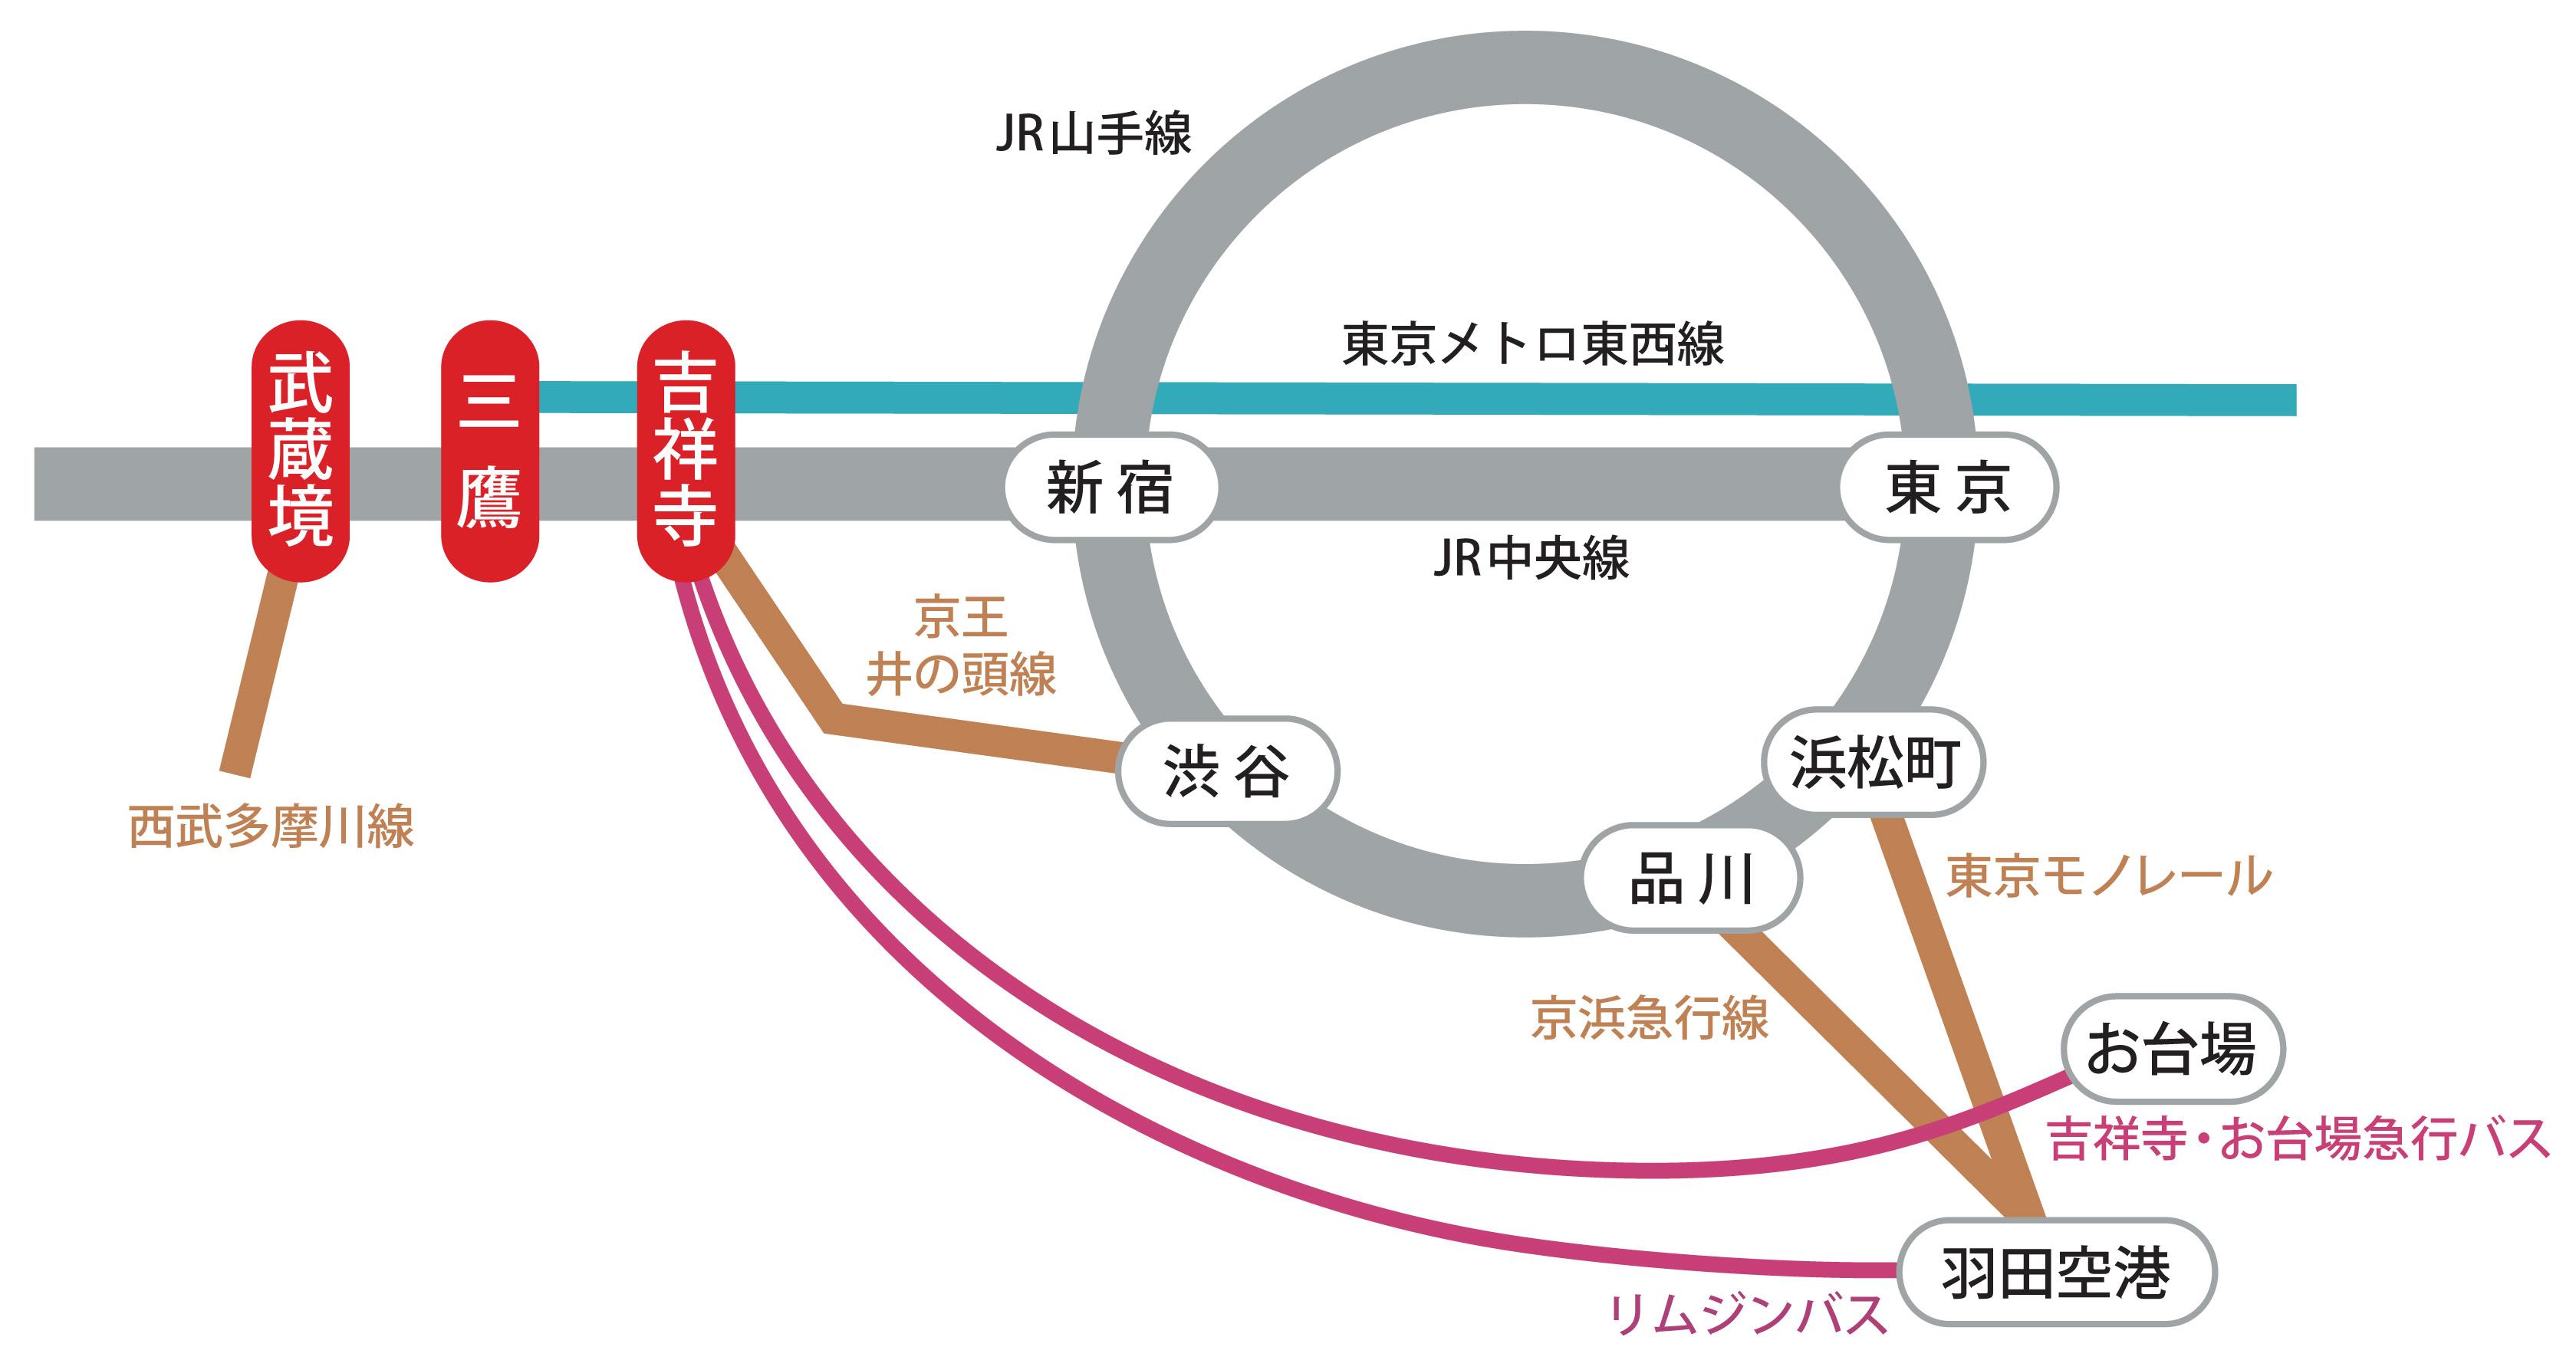 武蔵野市交通機関マップ